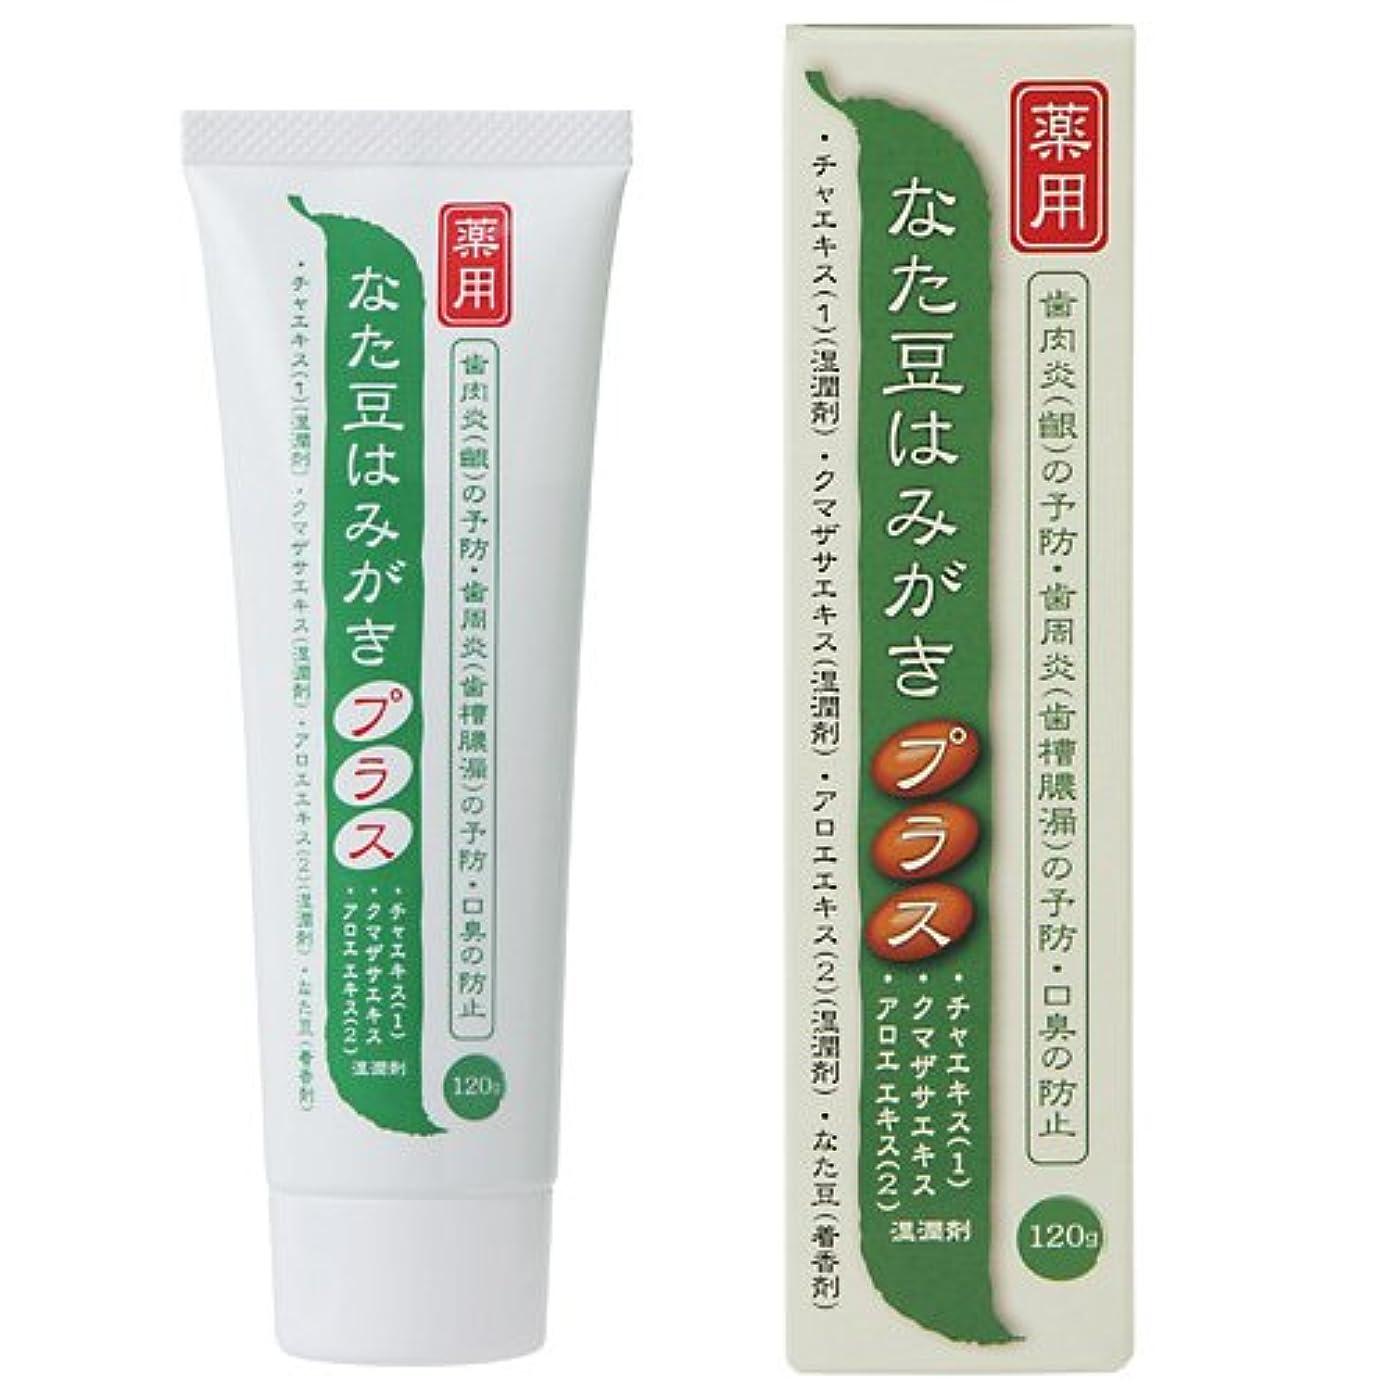 緊張針等プラセス製薬 薬用なた豆歯磨き プラス 120g